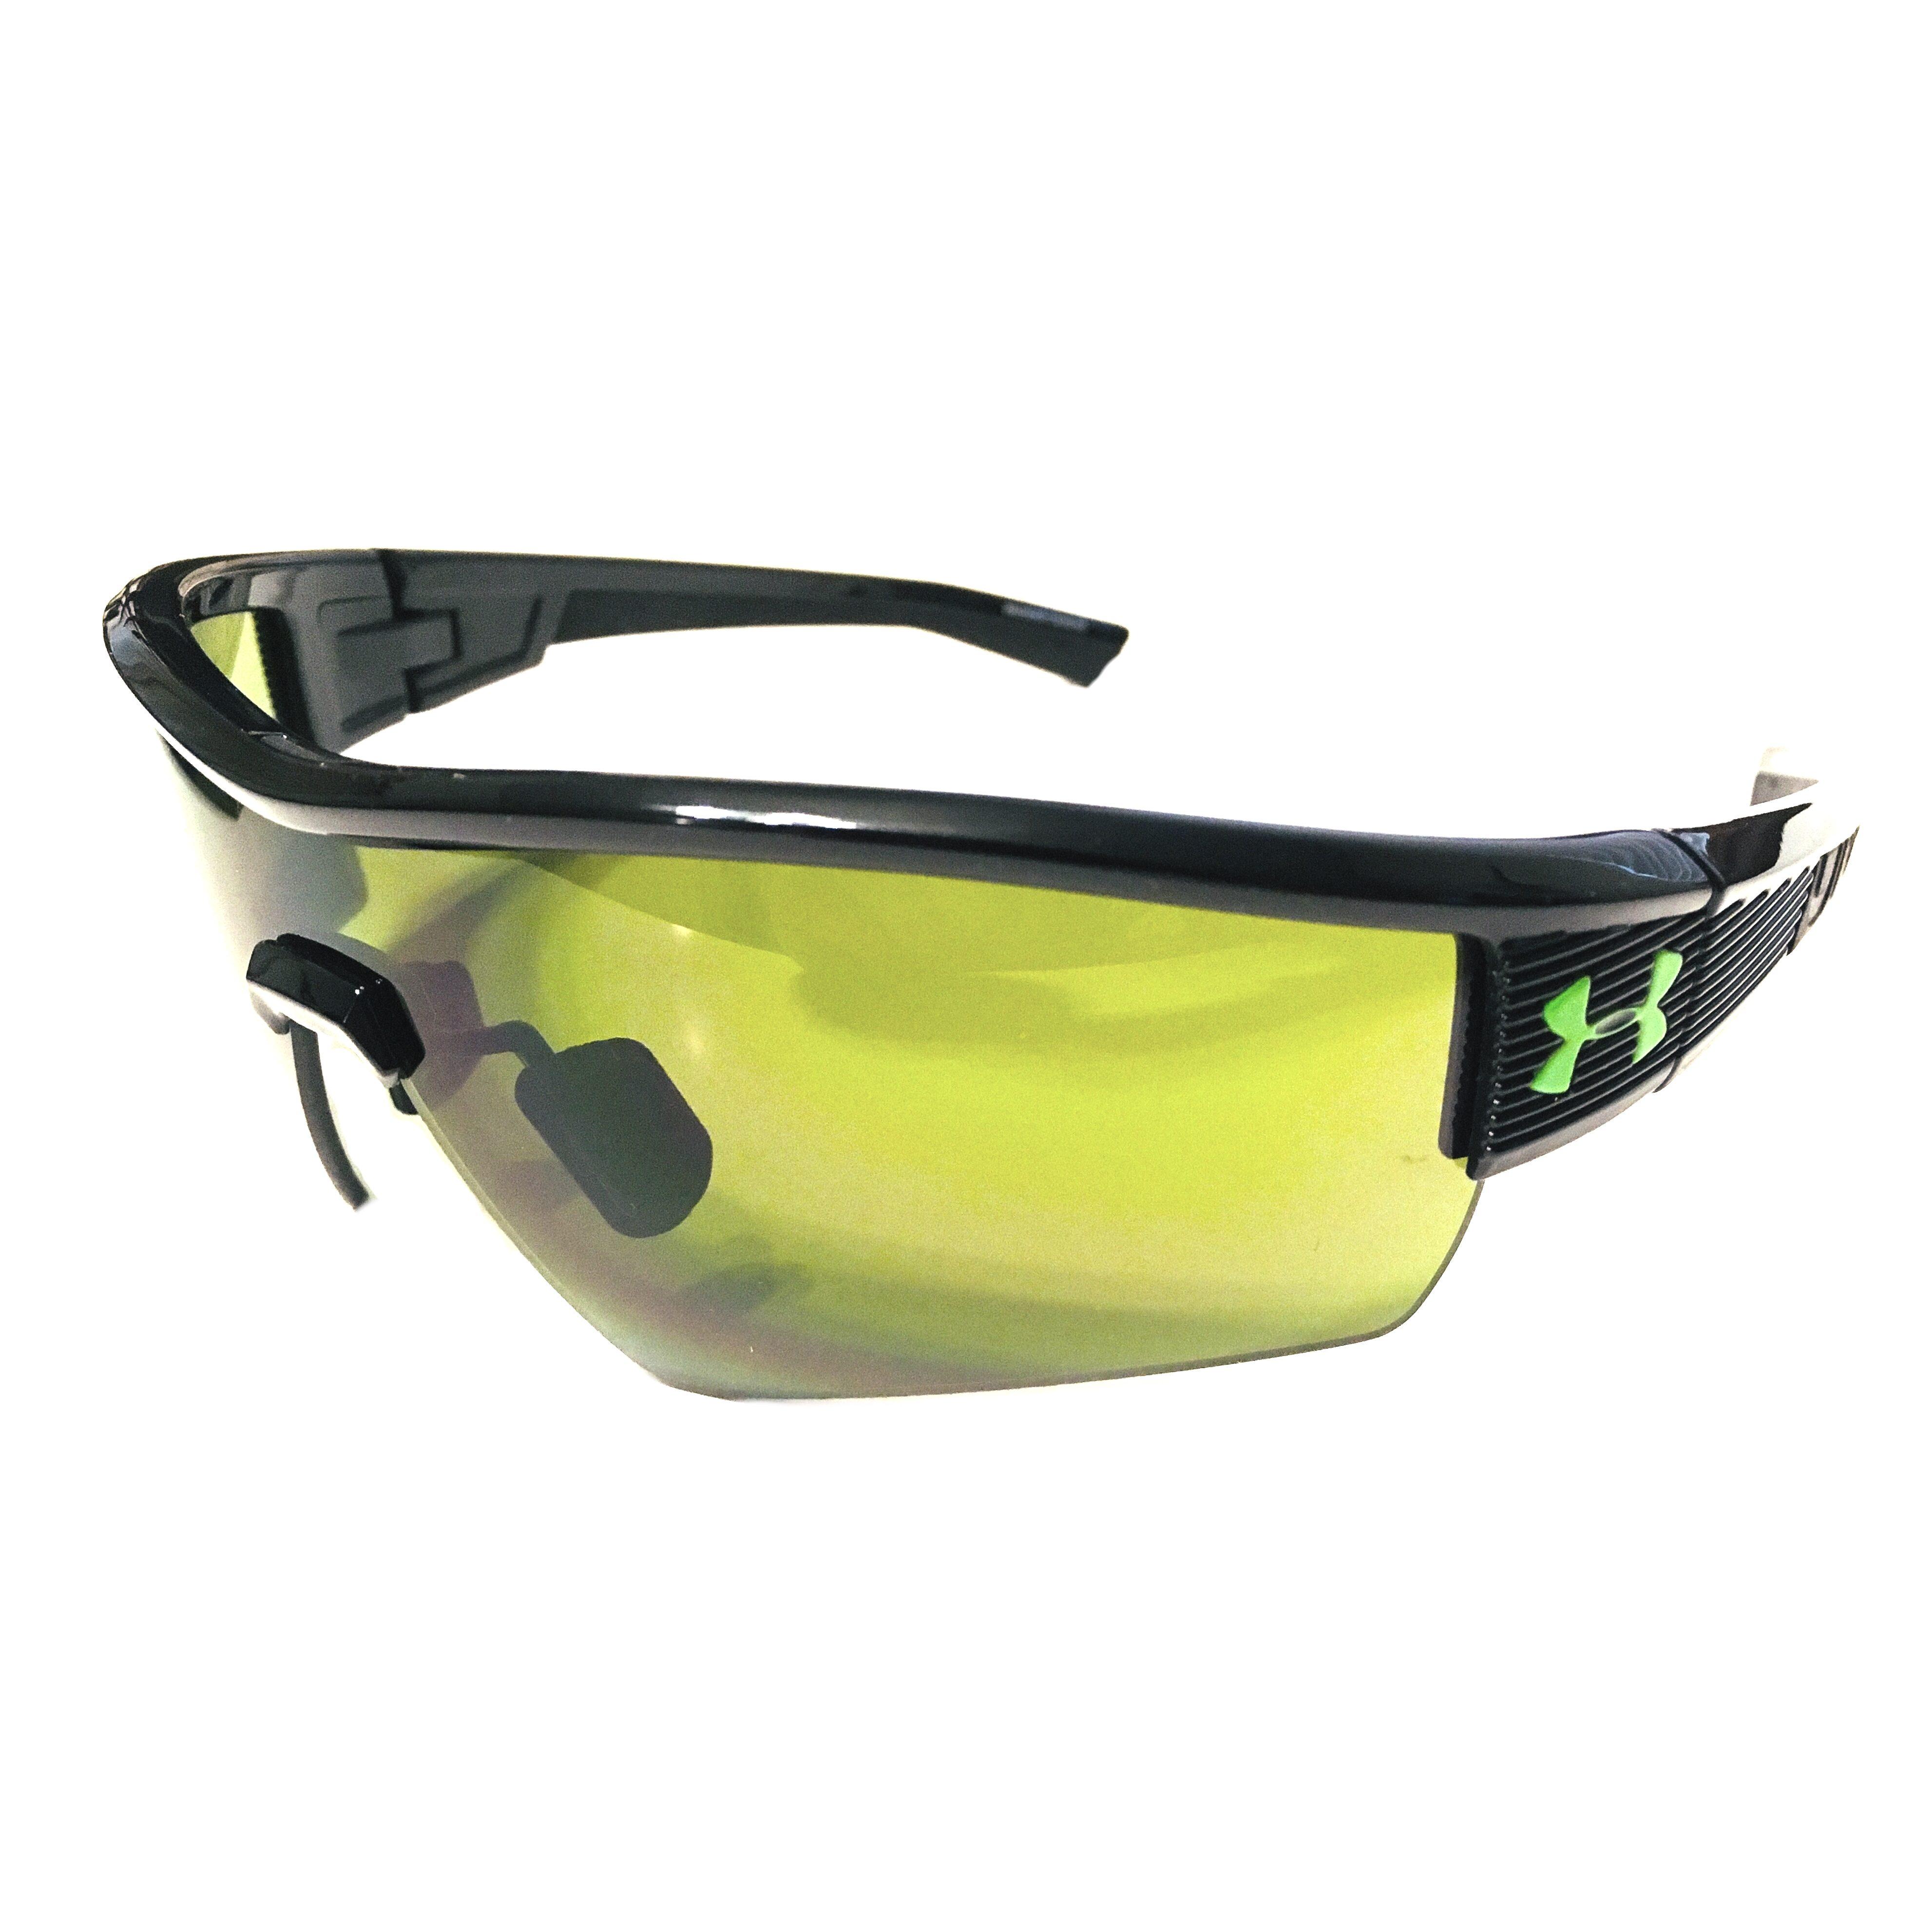 Under Armour Fire Sunglasses UA - Gloss Shiny Black - Game Day Lens